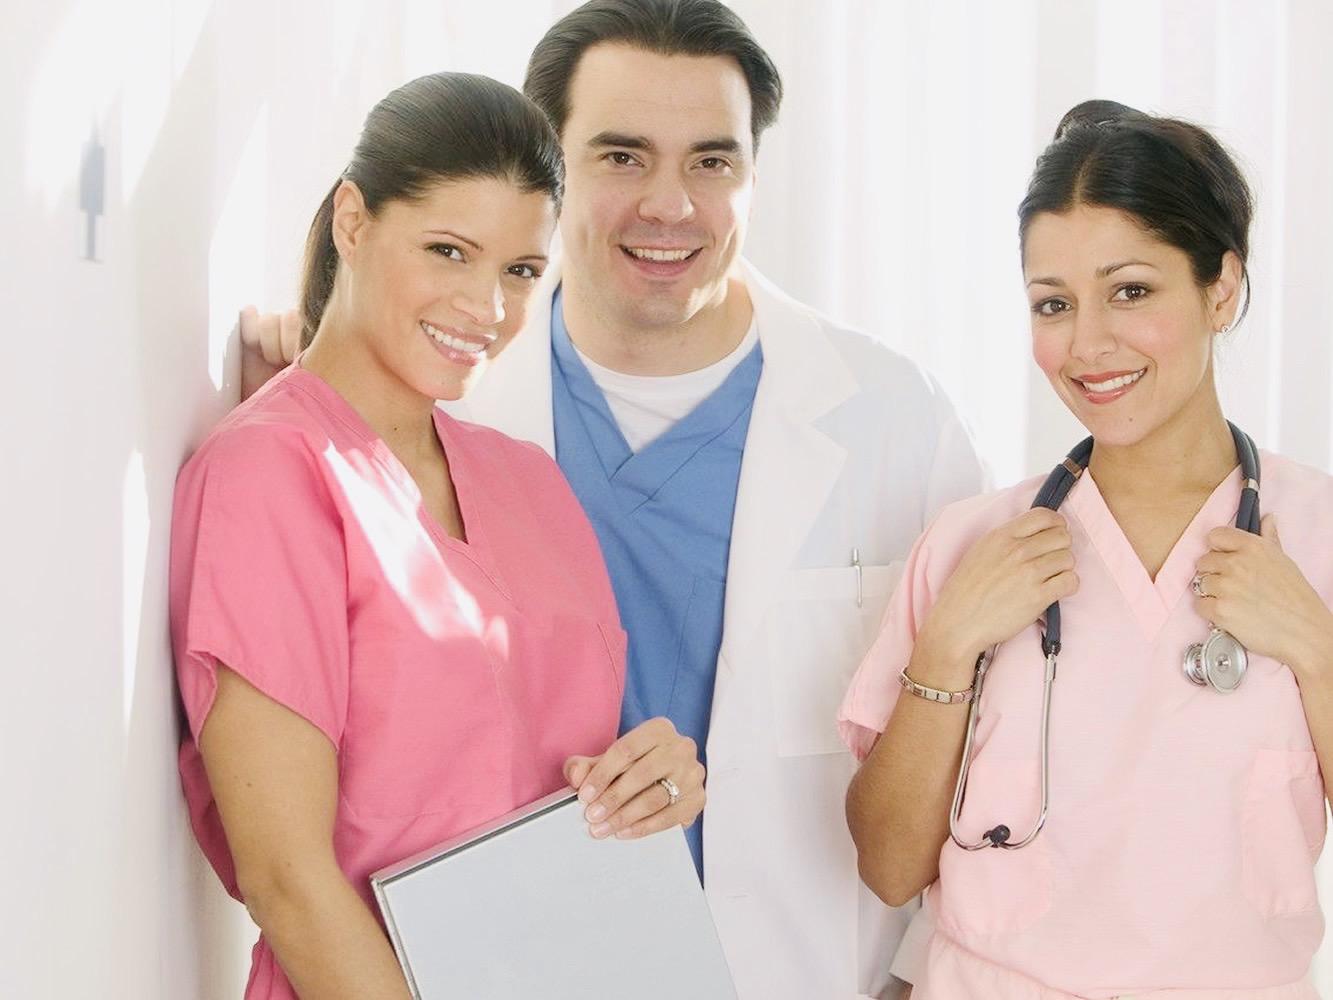 Fotografía de doctores y enfermeras parte de la red de seguros de gastos médicos mayores en Querétaro que ofrece Asegurando.mx